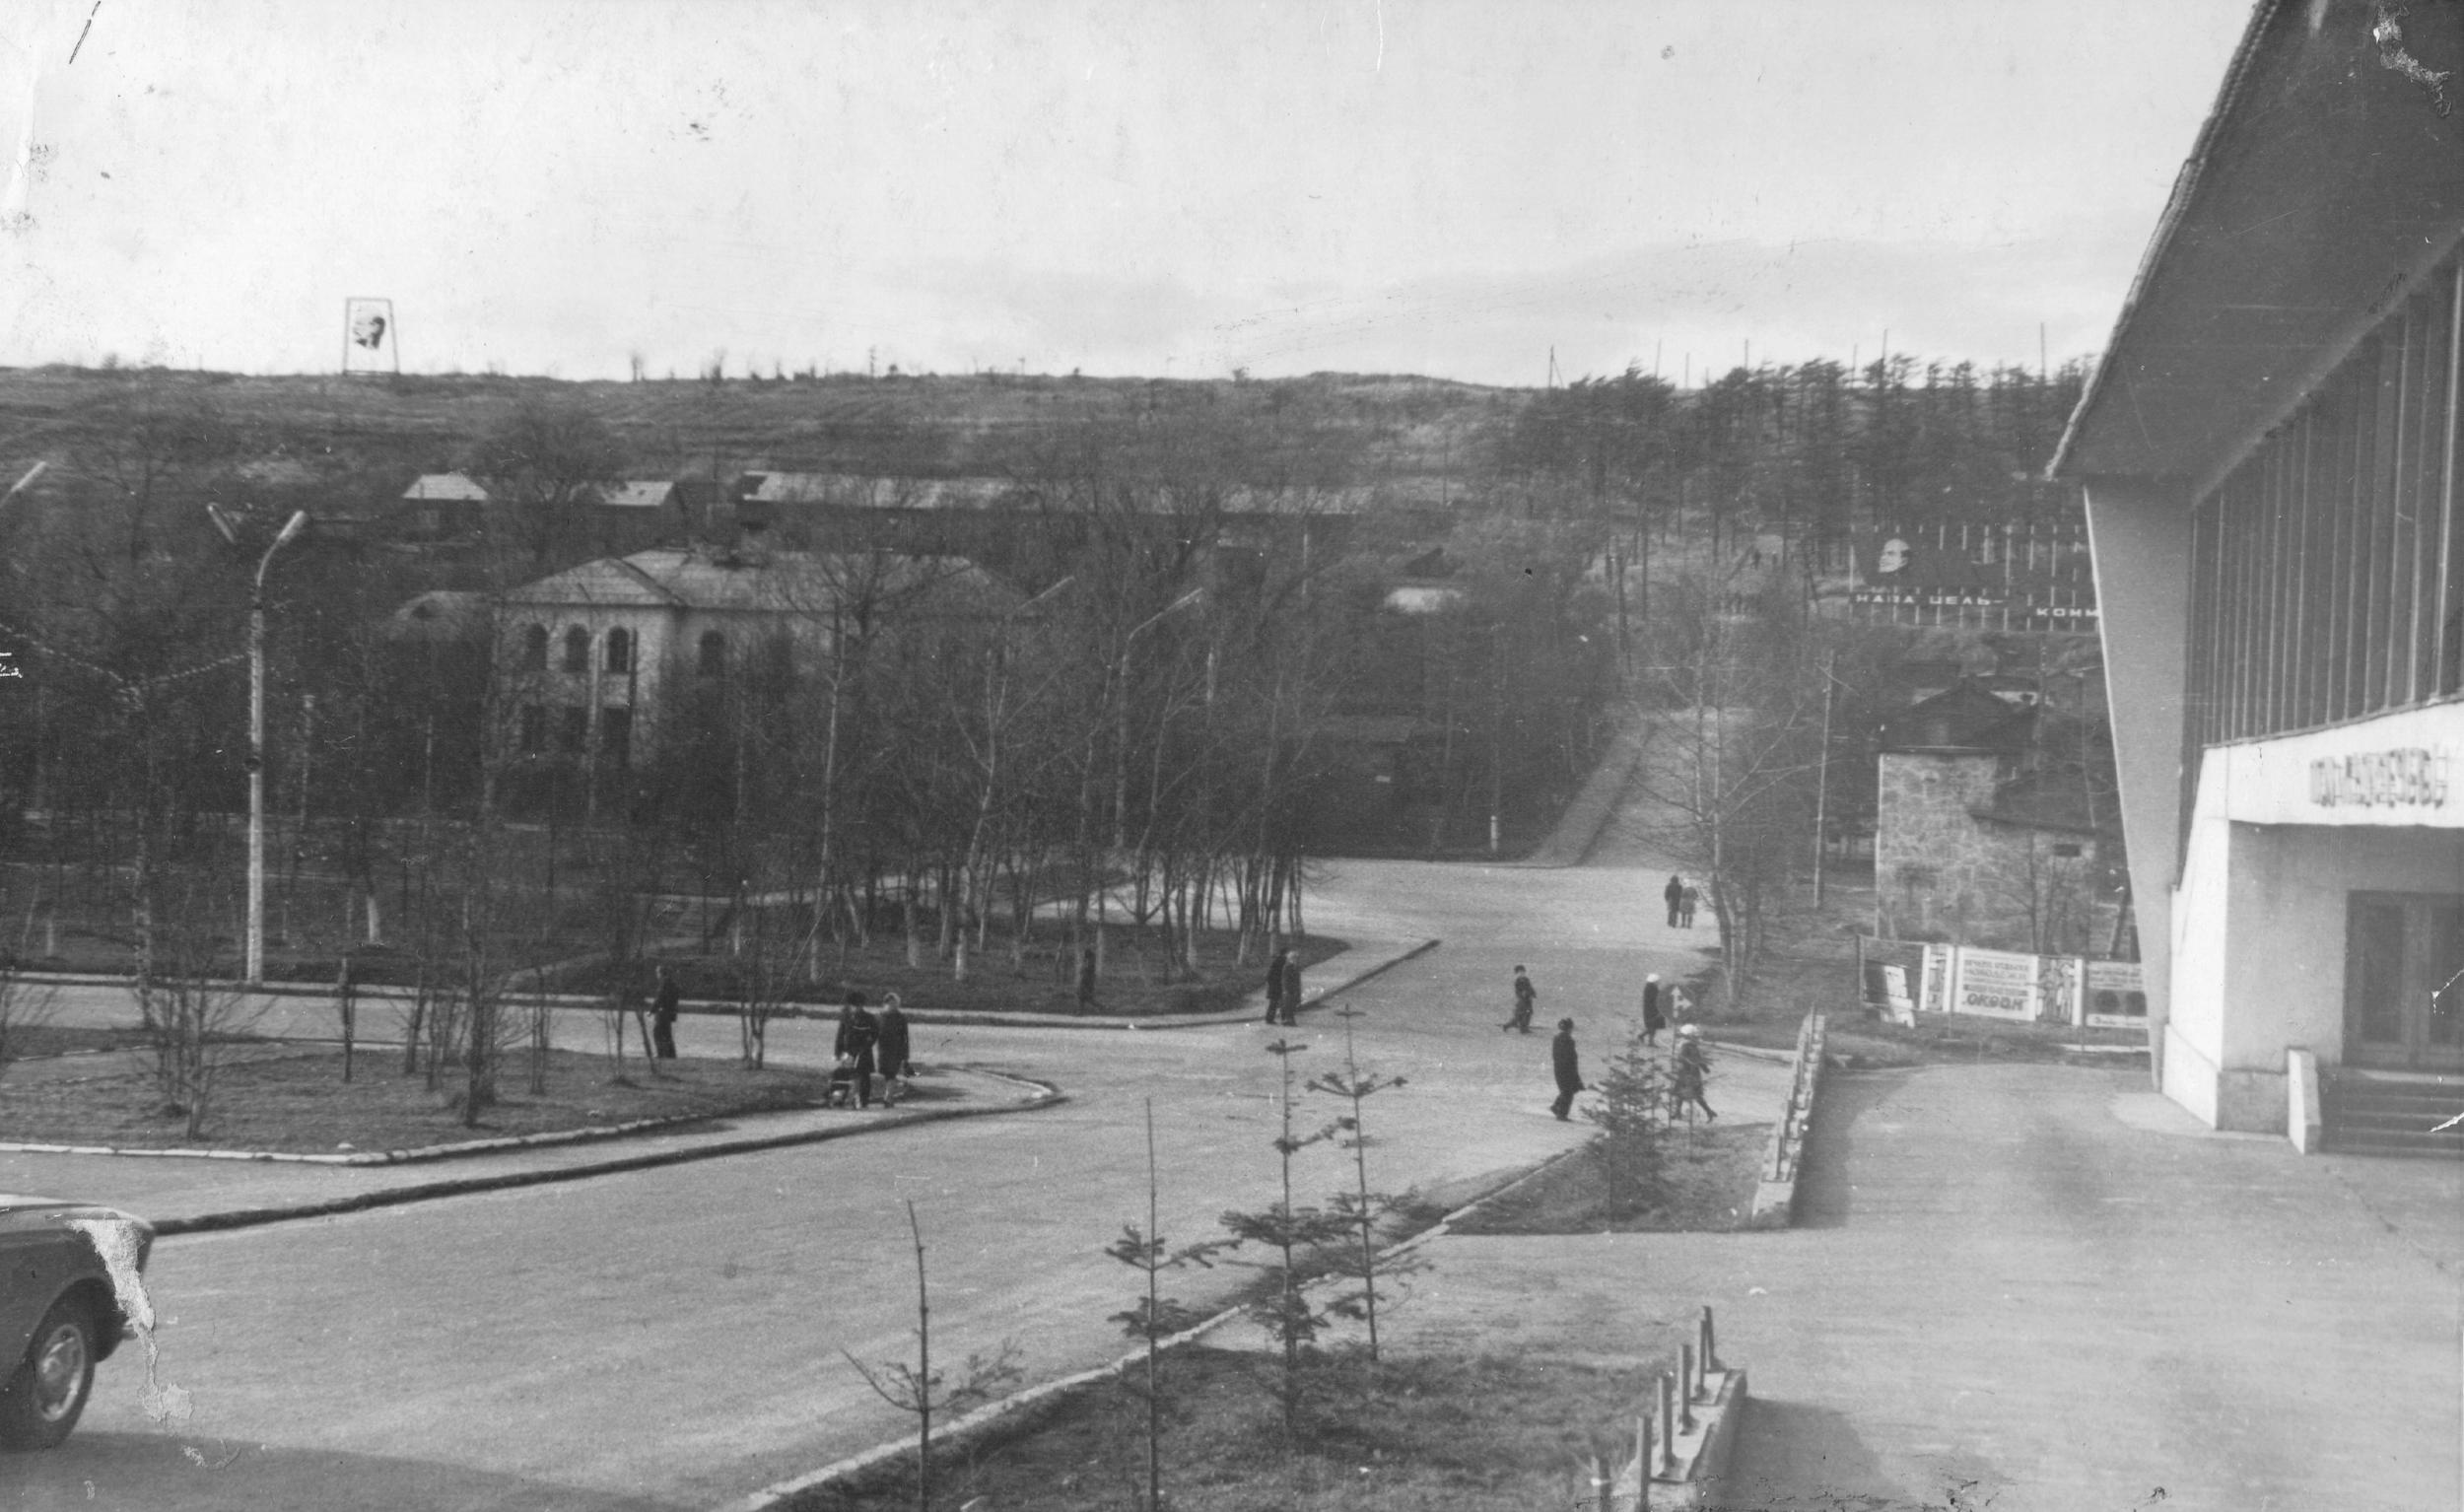 Перекрёсток ул. Советской и ул. Толстого. В настоящее время этот участок улицы Толстого переименован в пер. Молодёжный